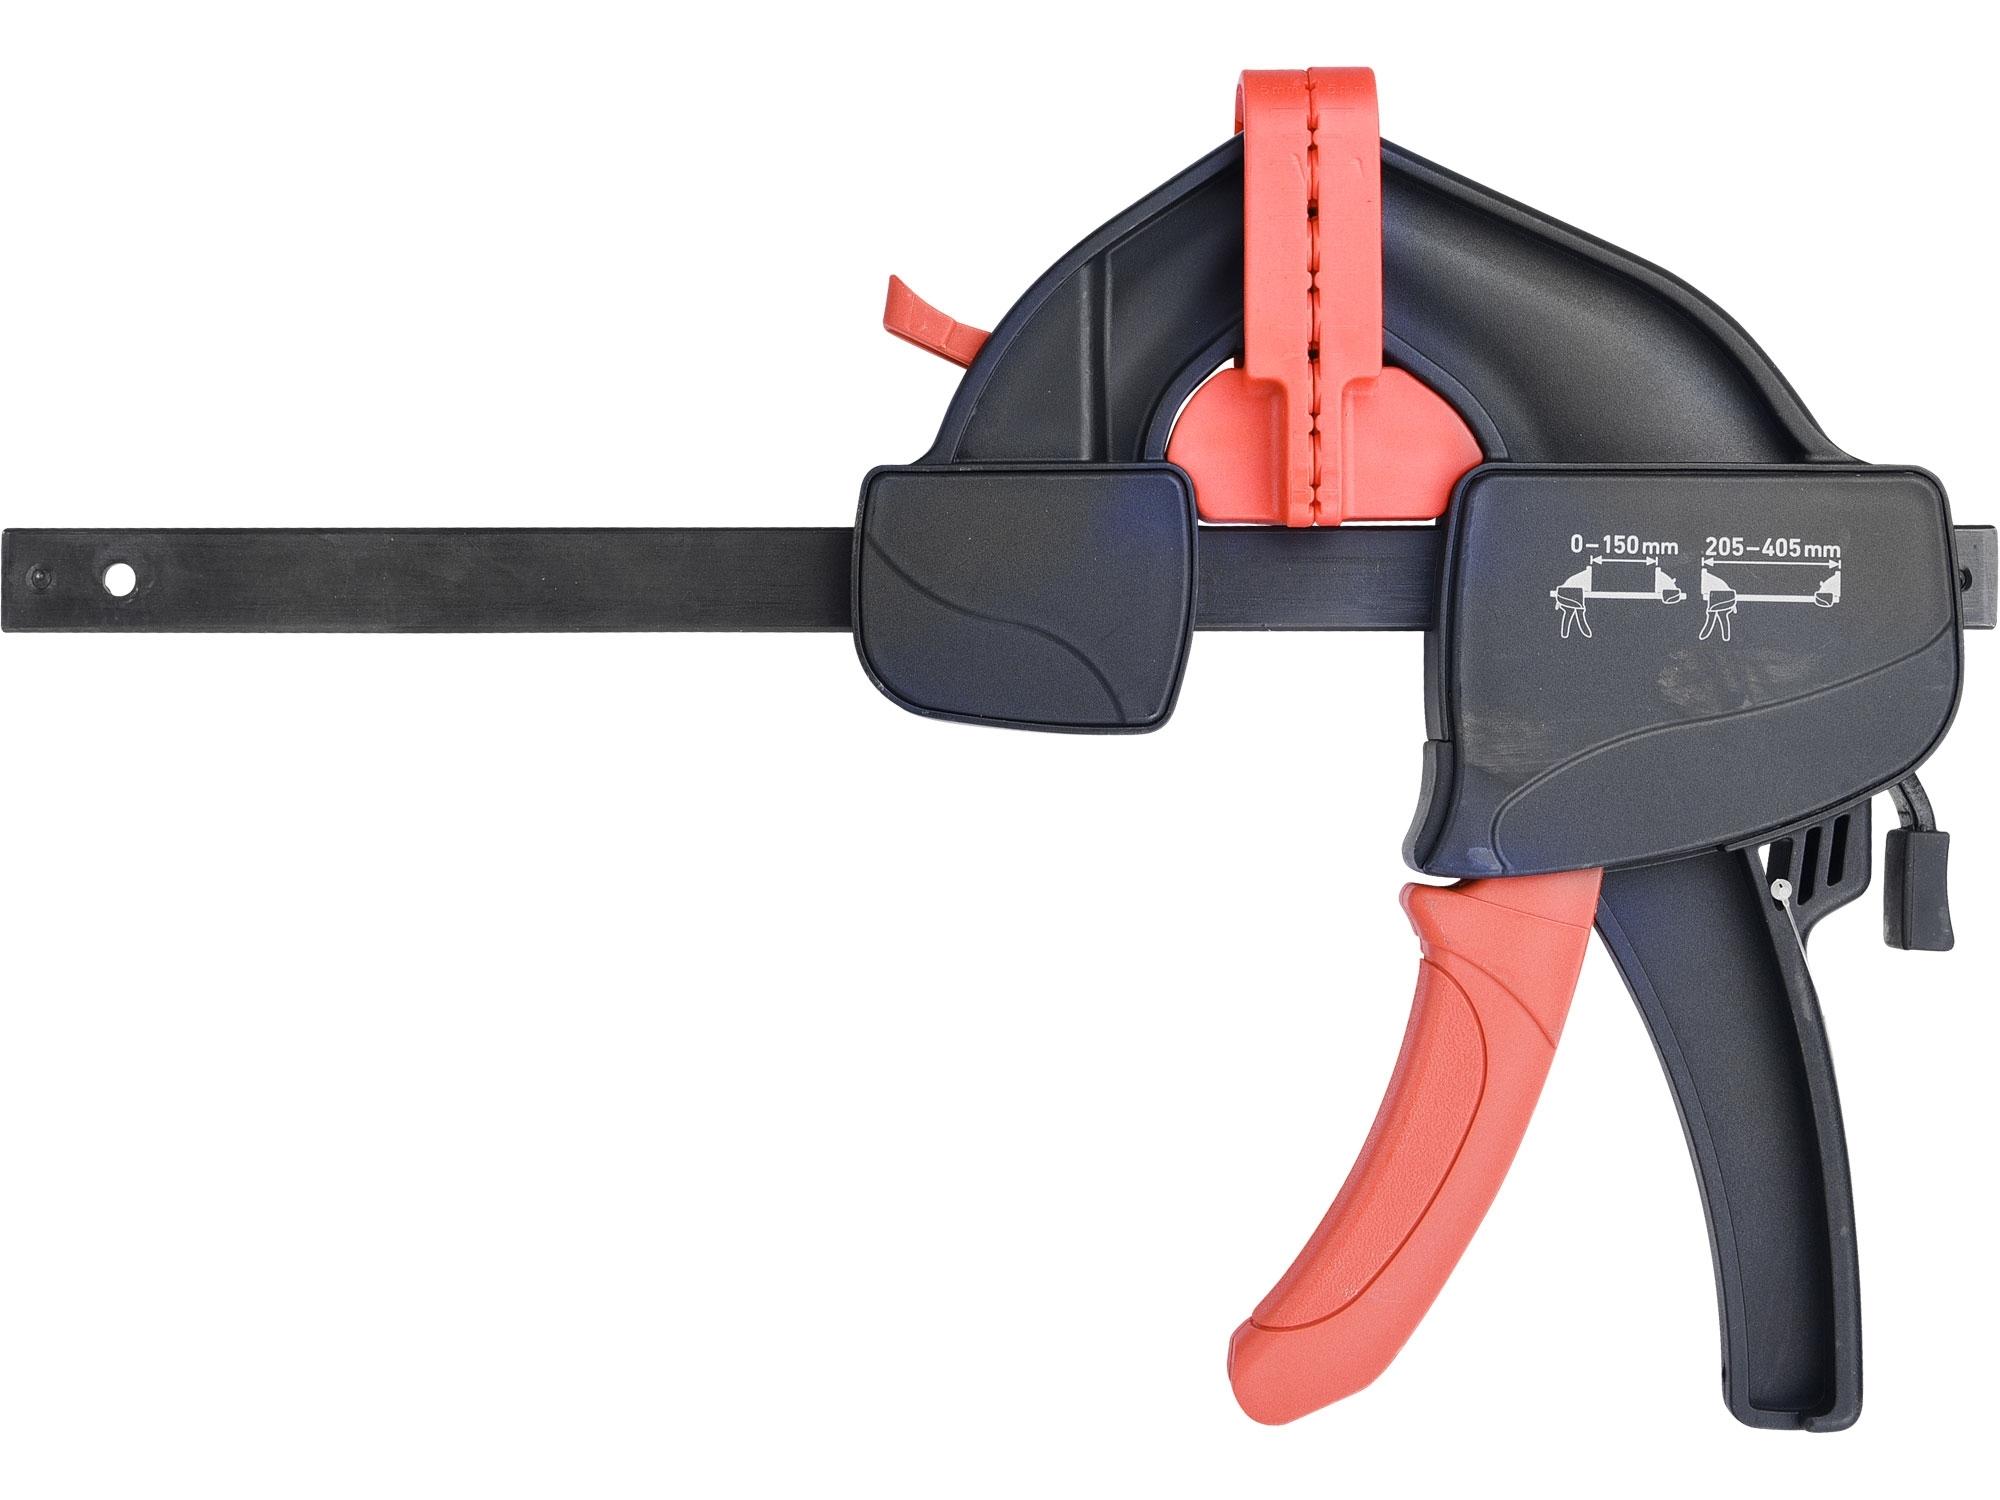 svěrka rychloupínací, 150mm, 205-405mm, EXTOL PREMIUM 8815211